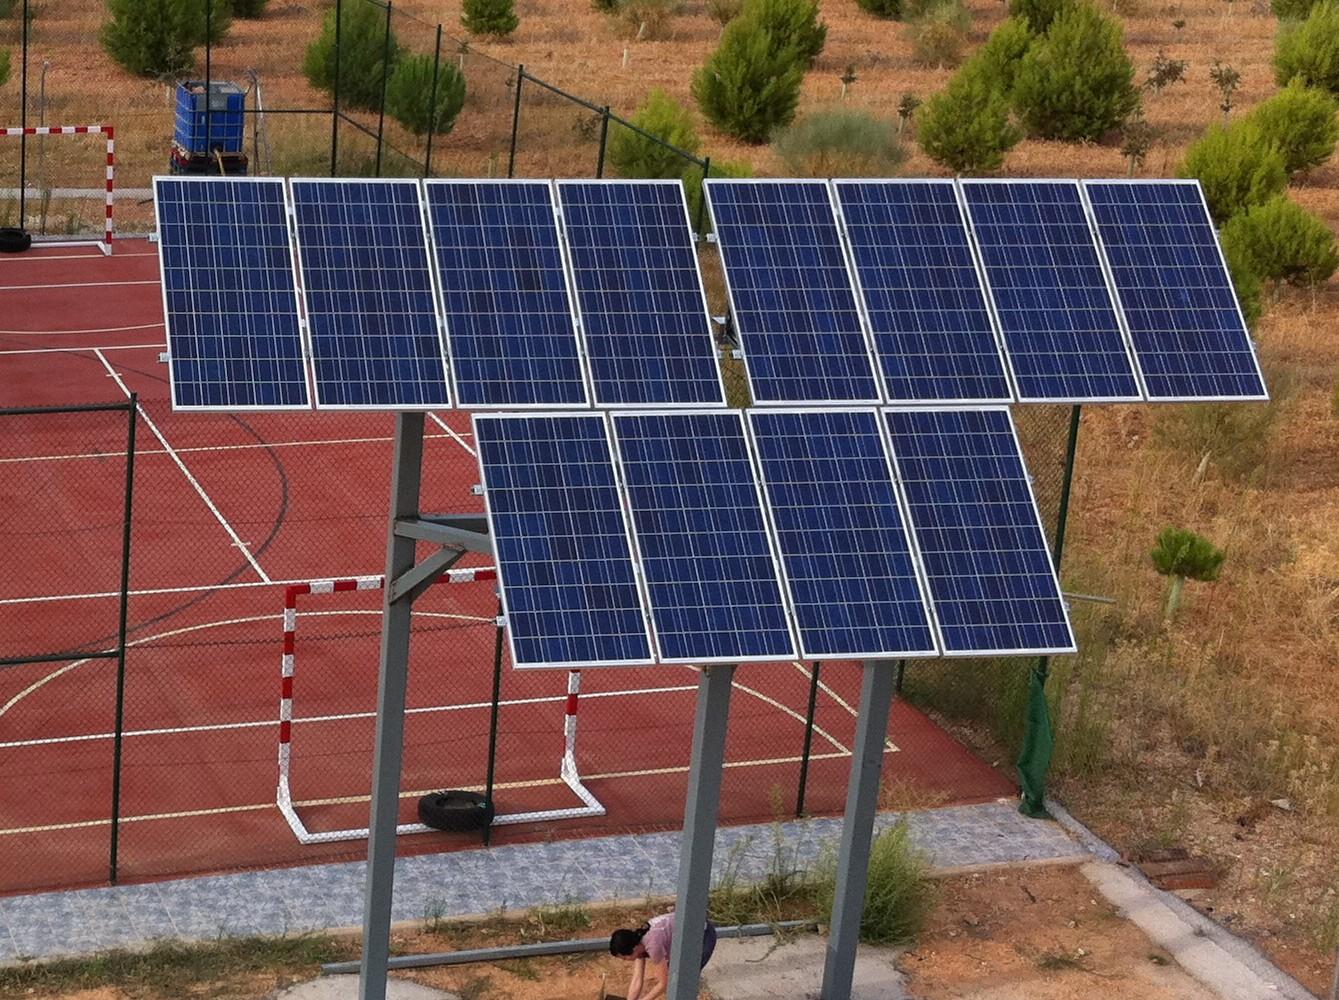 Montelec montajes y sistemas sl energia solar en toledo - Paneles solares para abastecer una casa ...